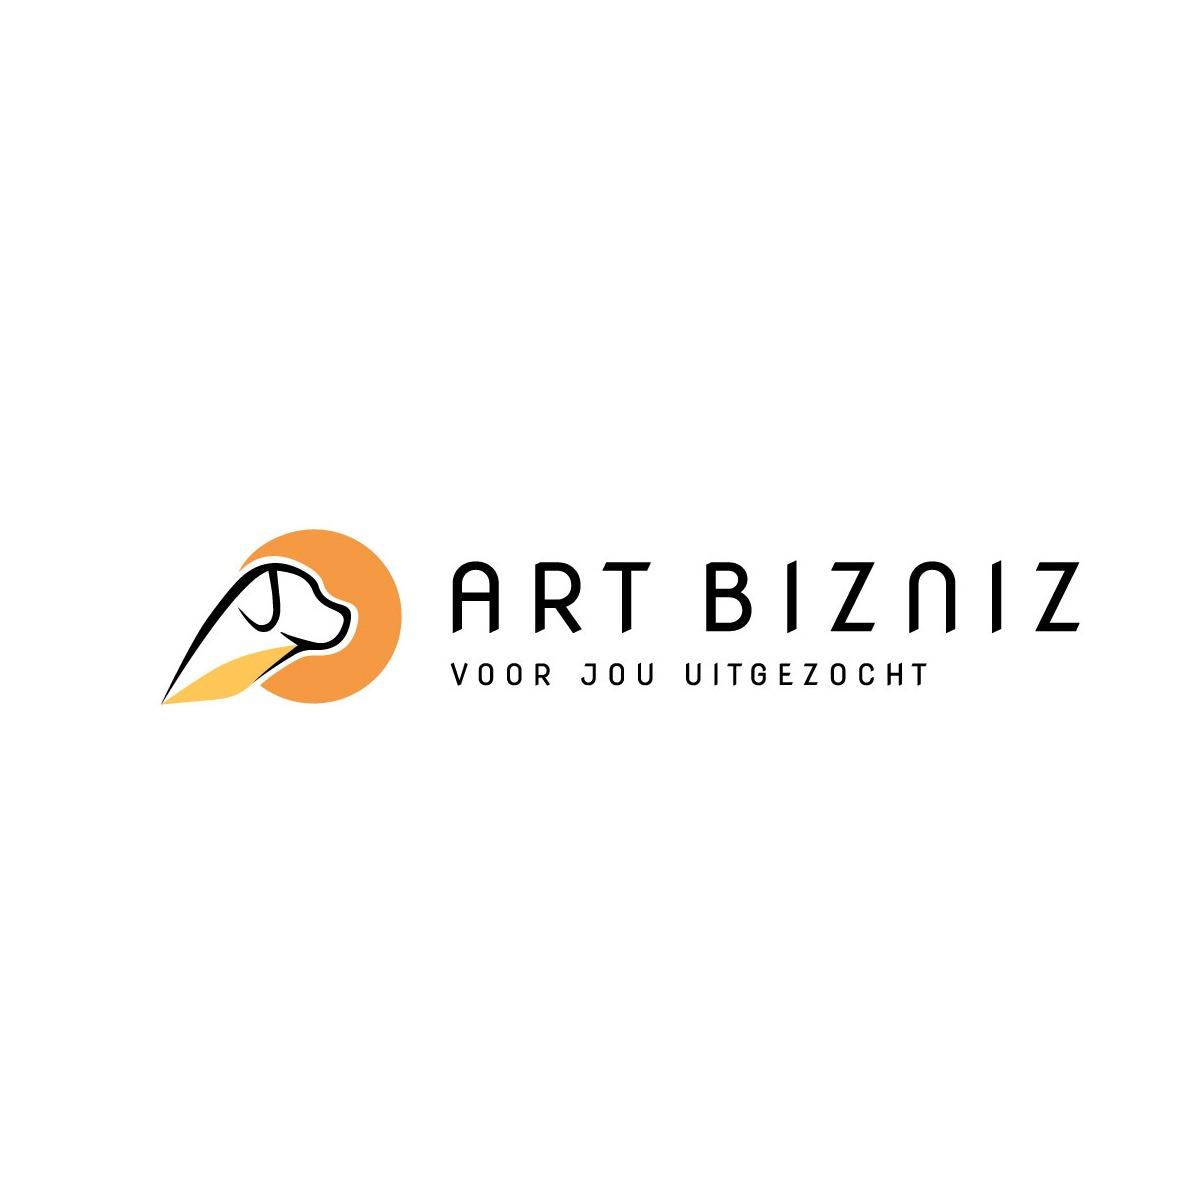 ART BIZNIZ LOGO